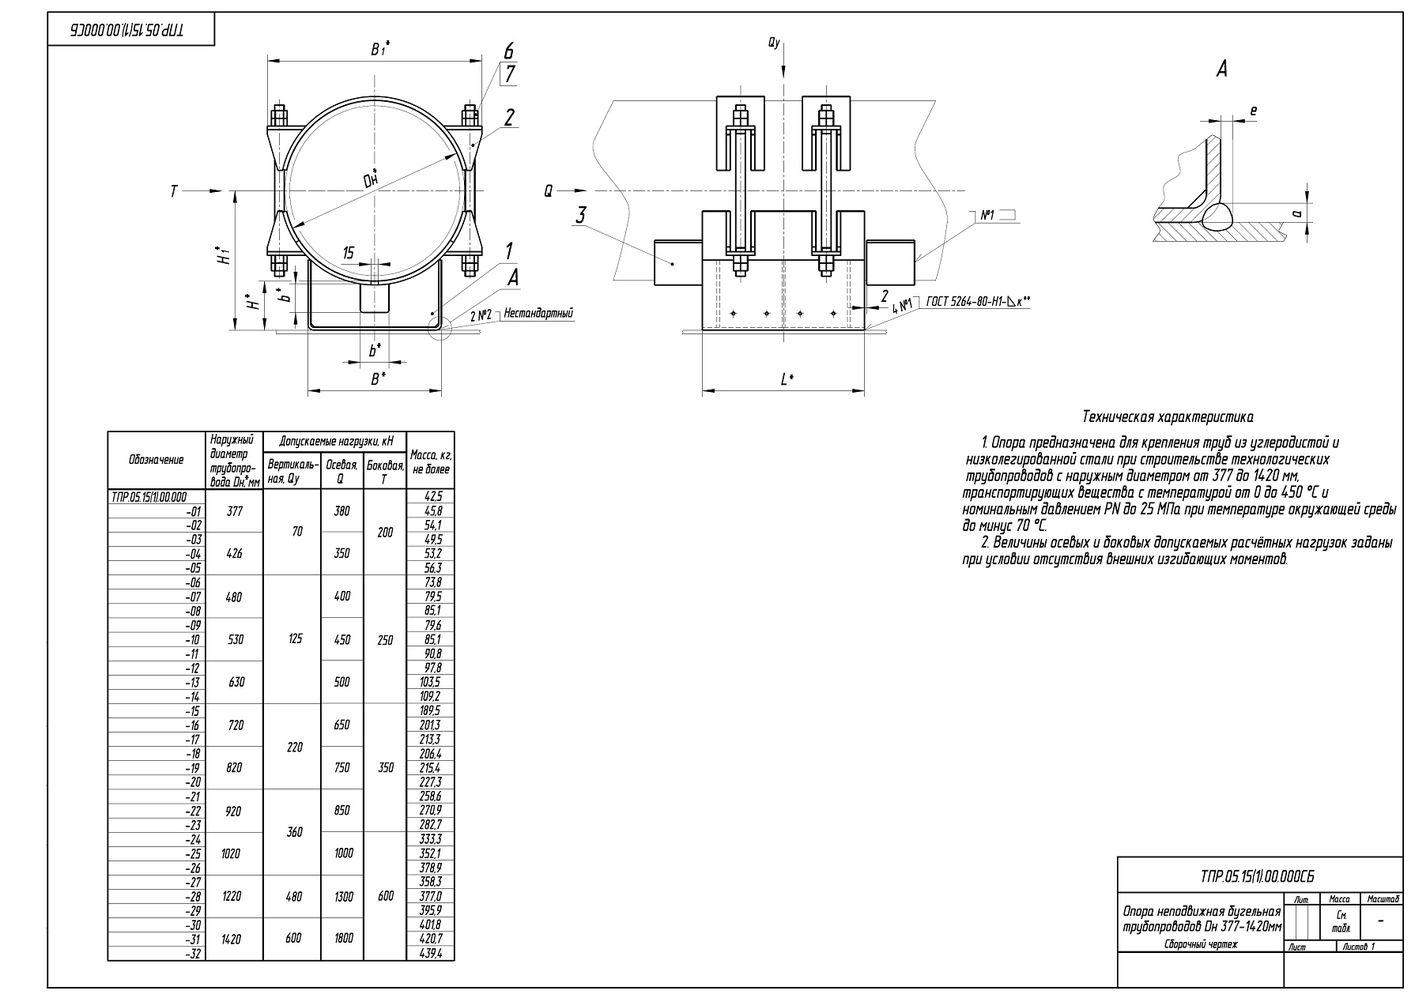 ТПР.05.15(1).00.000 Опоры неподвижные бугельные трубопроводов Дн 377-1420 мм